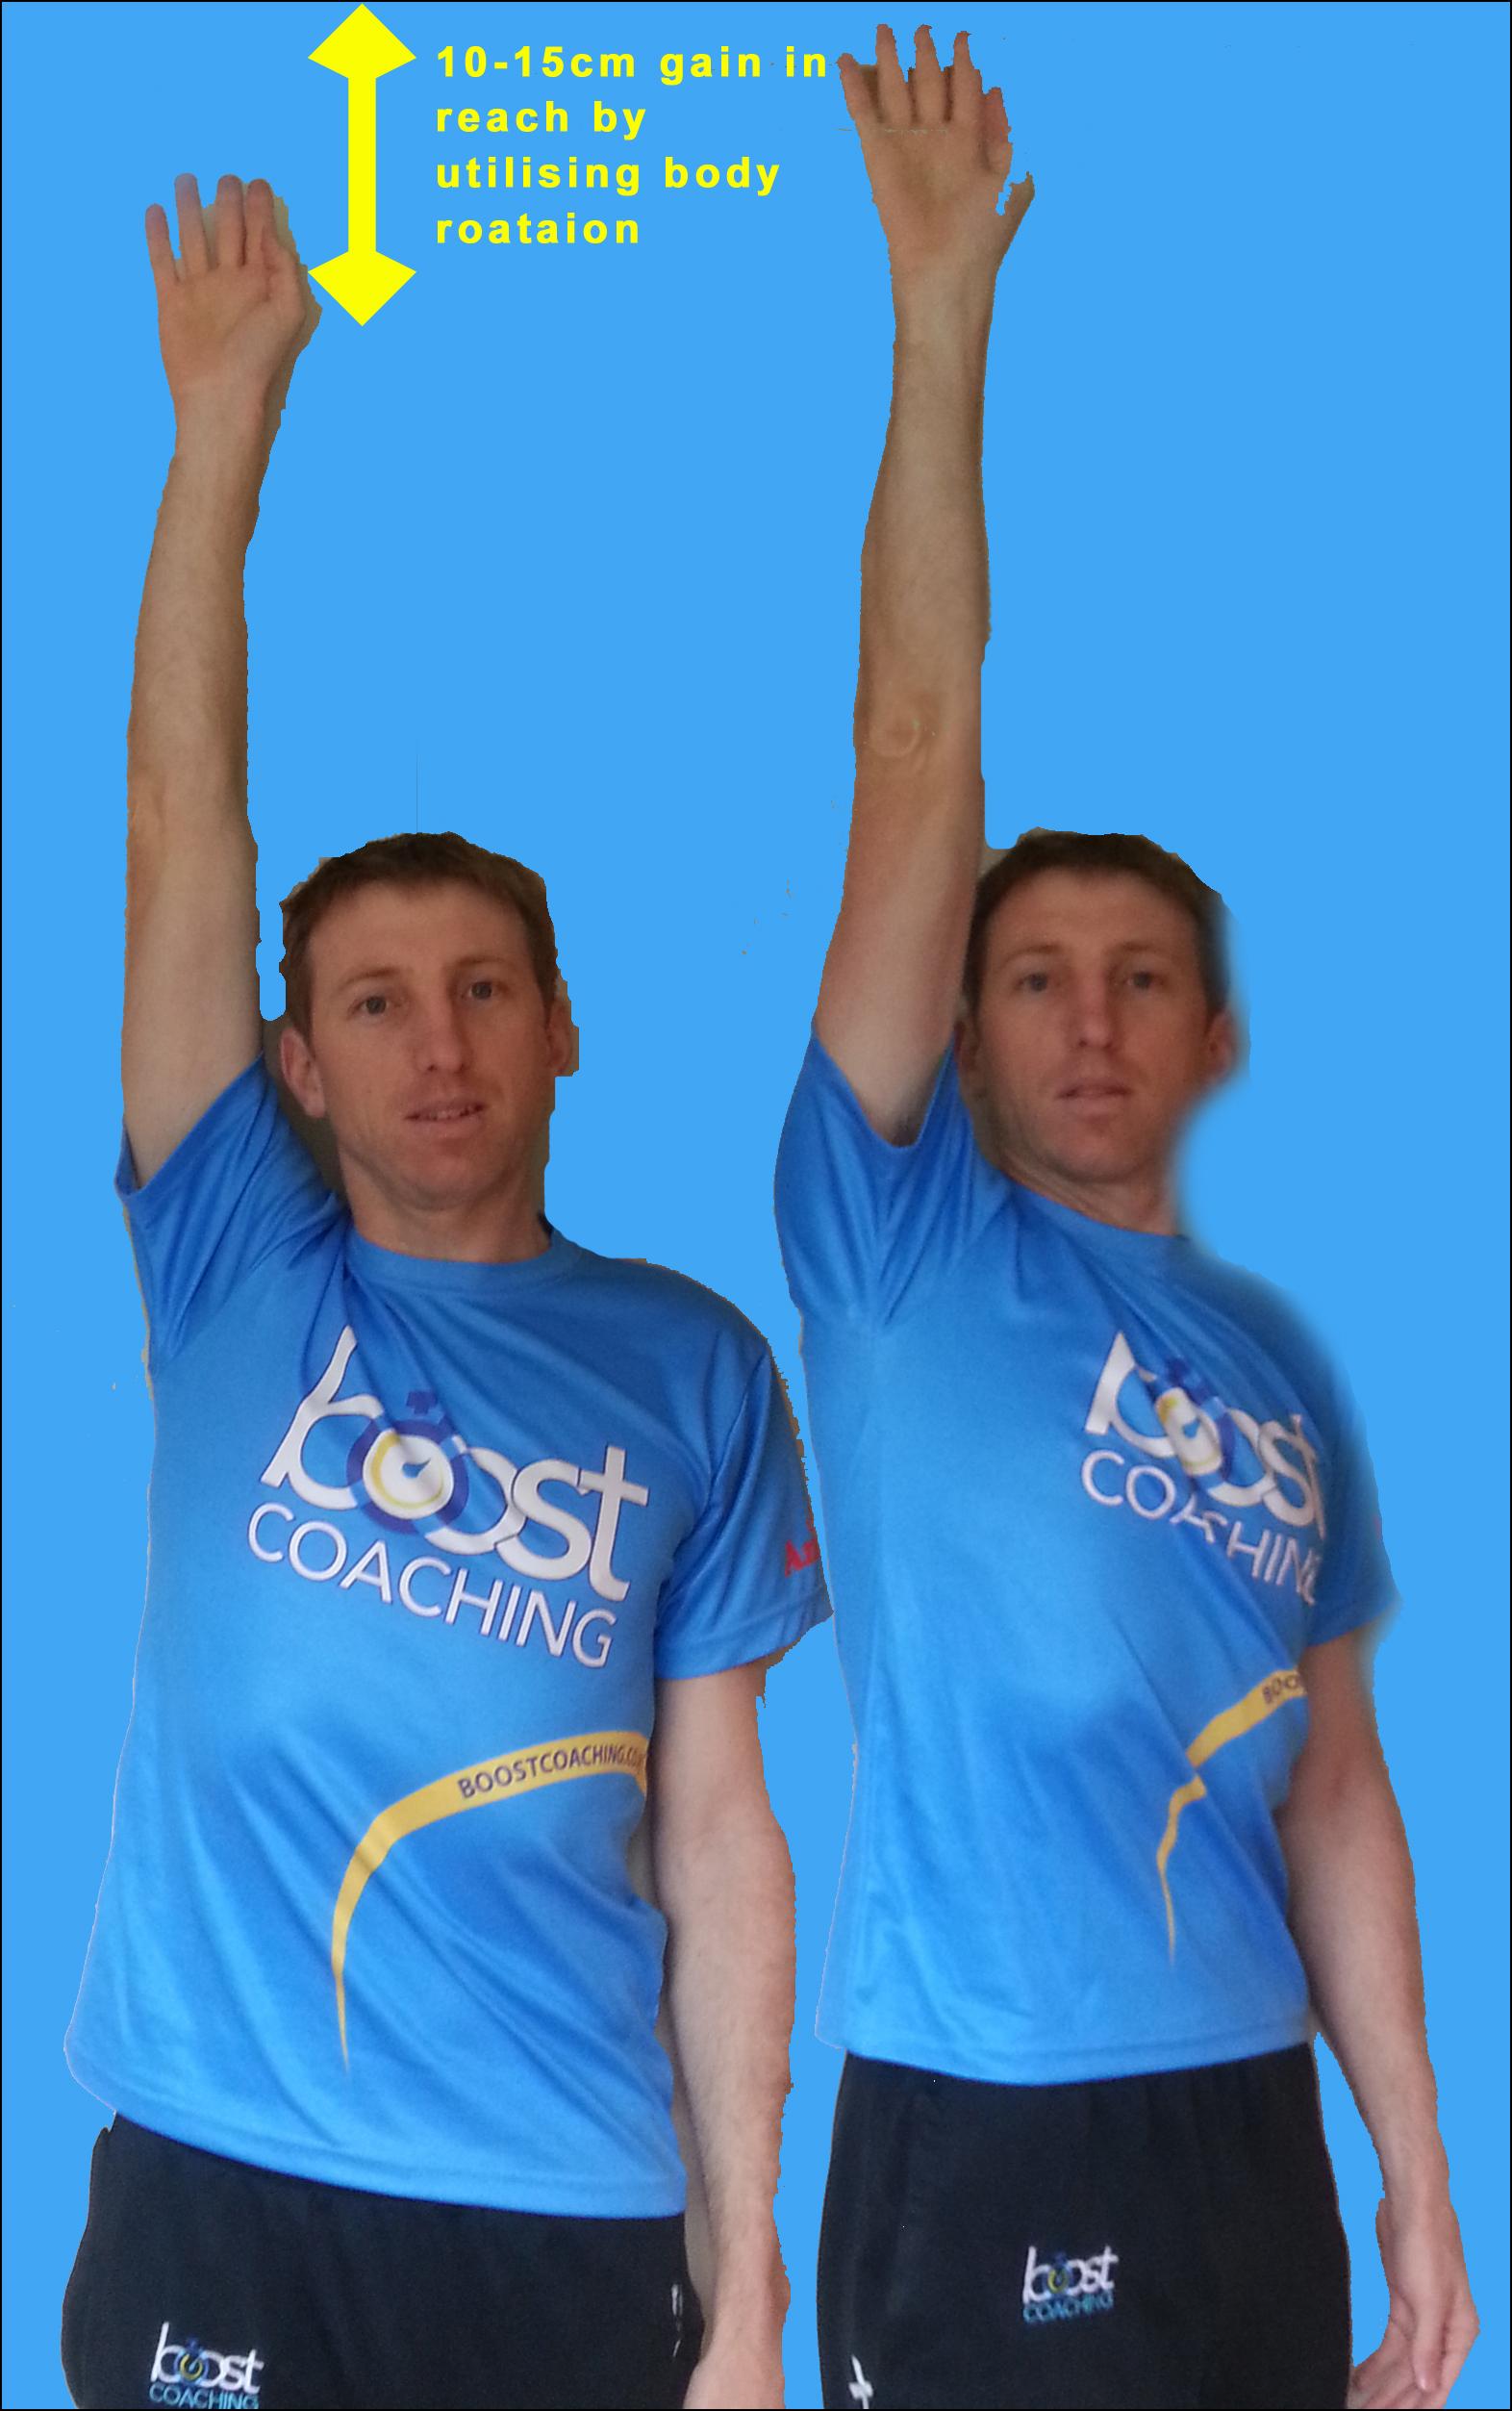 Body Rotation Reach V2.jpg